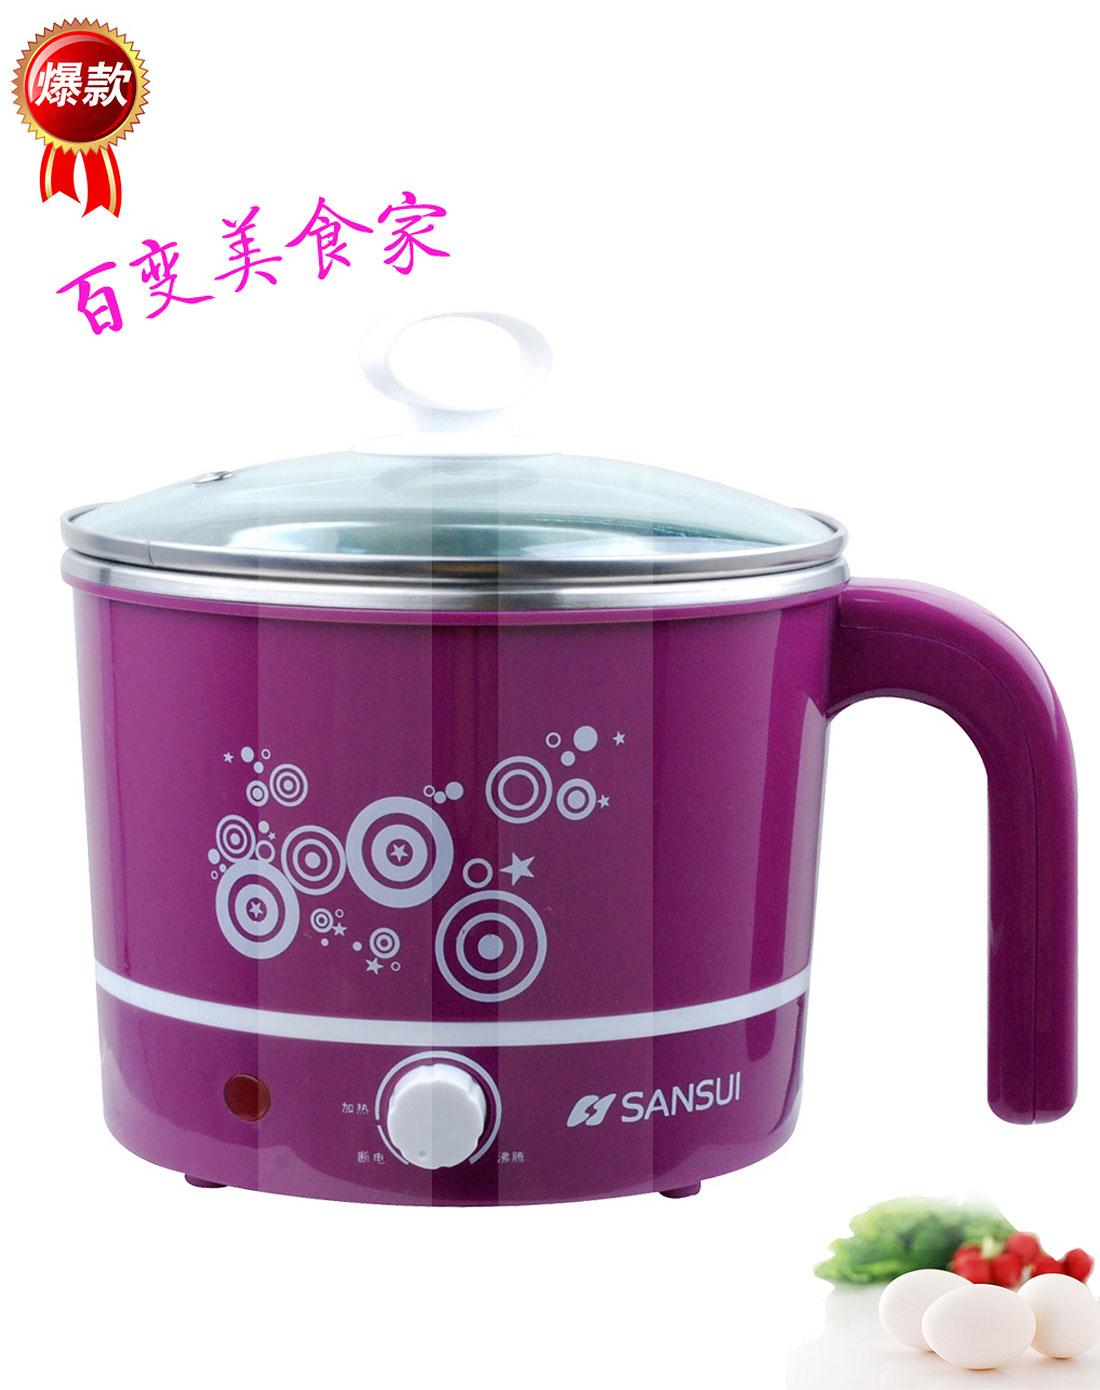 多功能电煮锅(紫色)